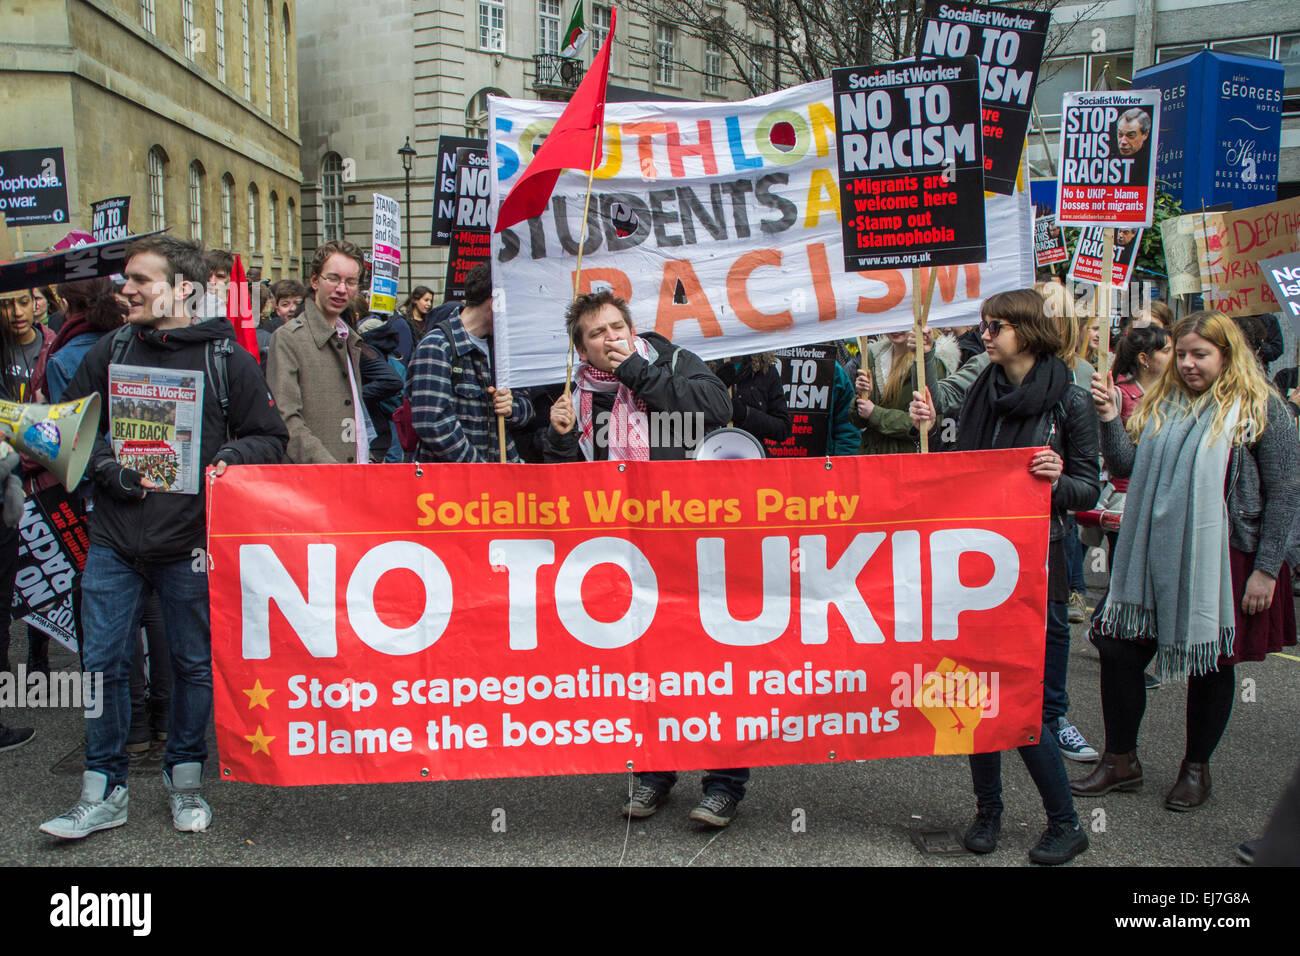 London UK, 21. März 2015: Demonstranten bei der Demonstration stehen bis zum Rassismus & Faschismus. Stockbild